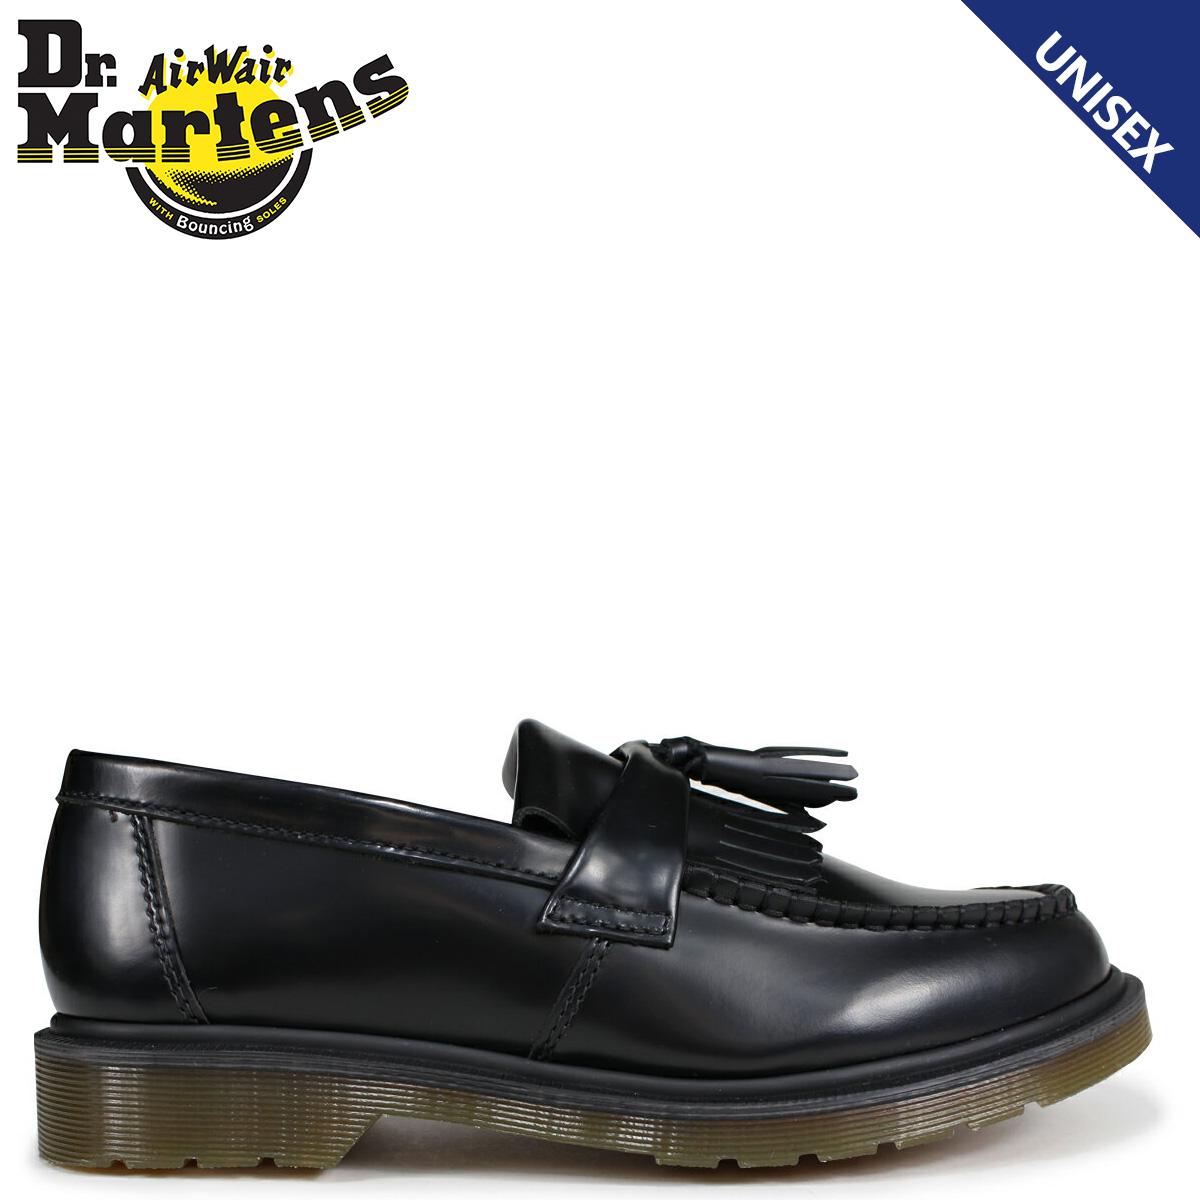 Dr.Martens ローファー タッセル メンズ レディース ドクターマーチン ADRIAN TASSEL LOAFER ブラック 黒 R24369001